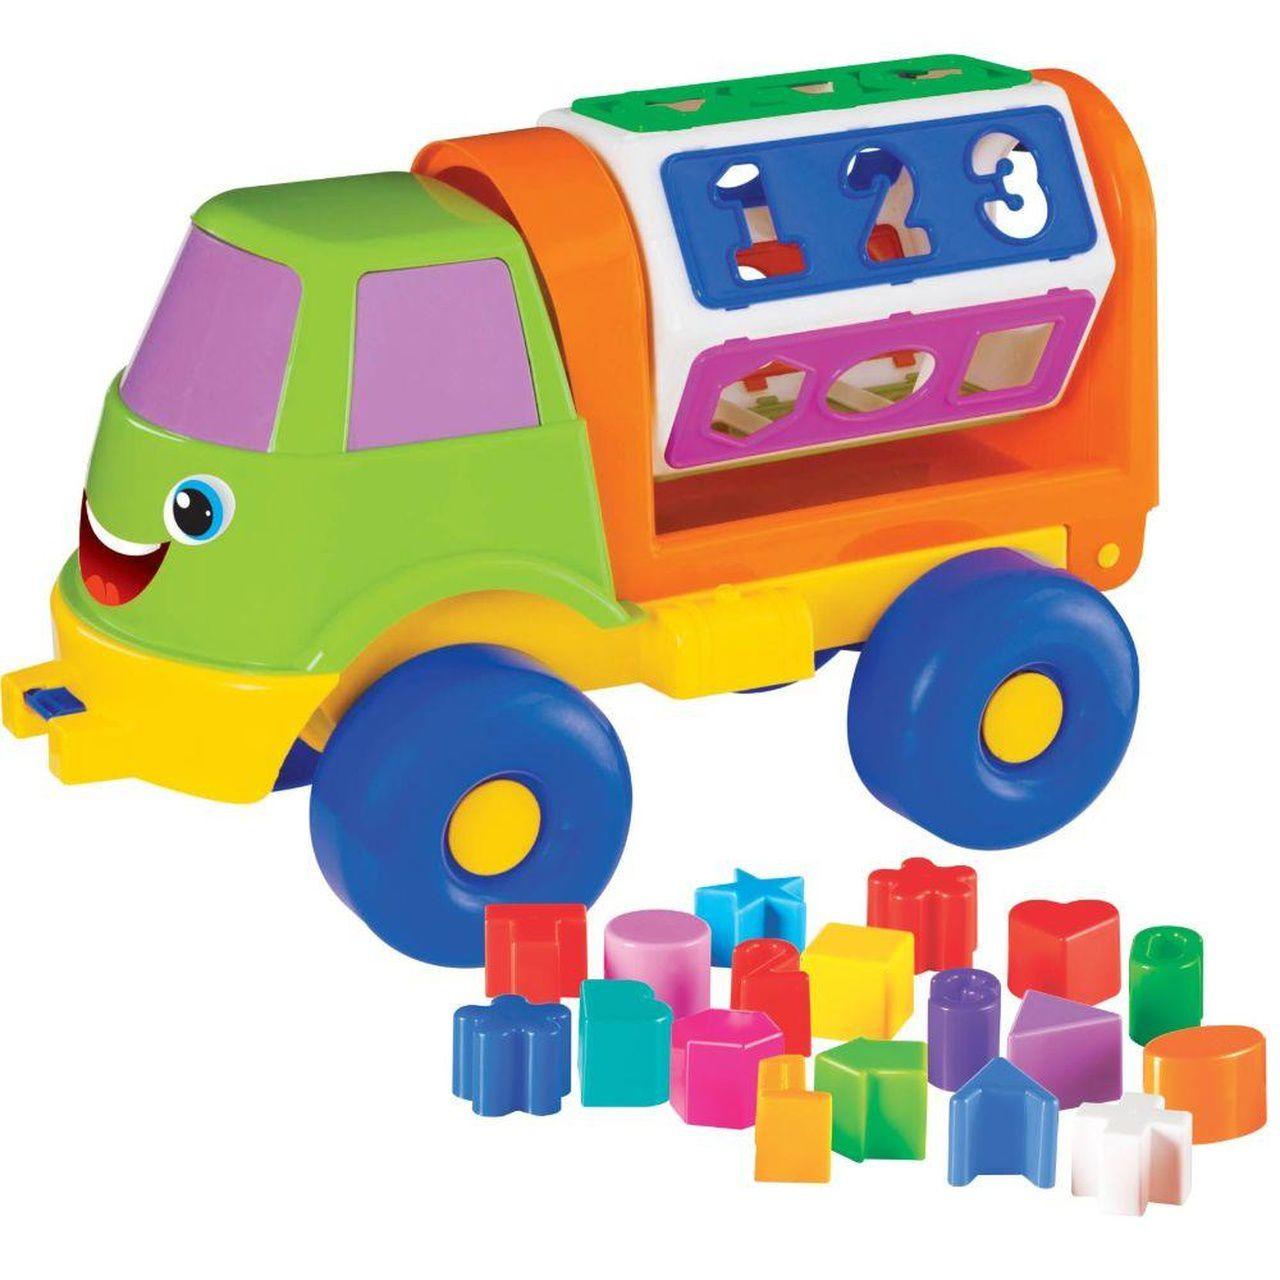 Brinquedo Educativo Caminhão Sorriso - Mercotoys 295